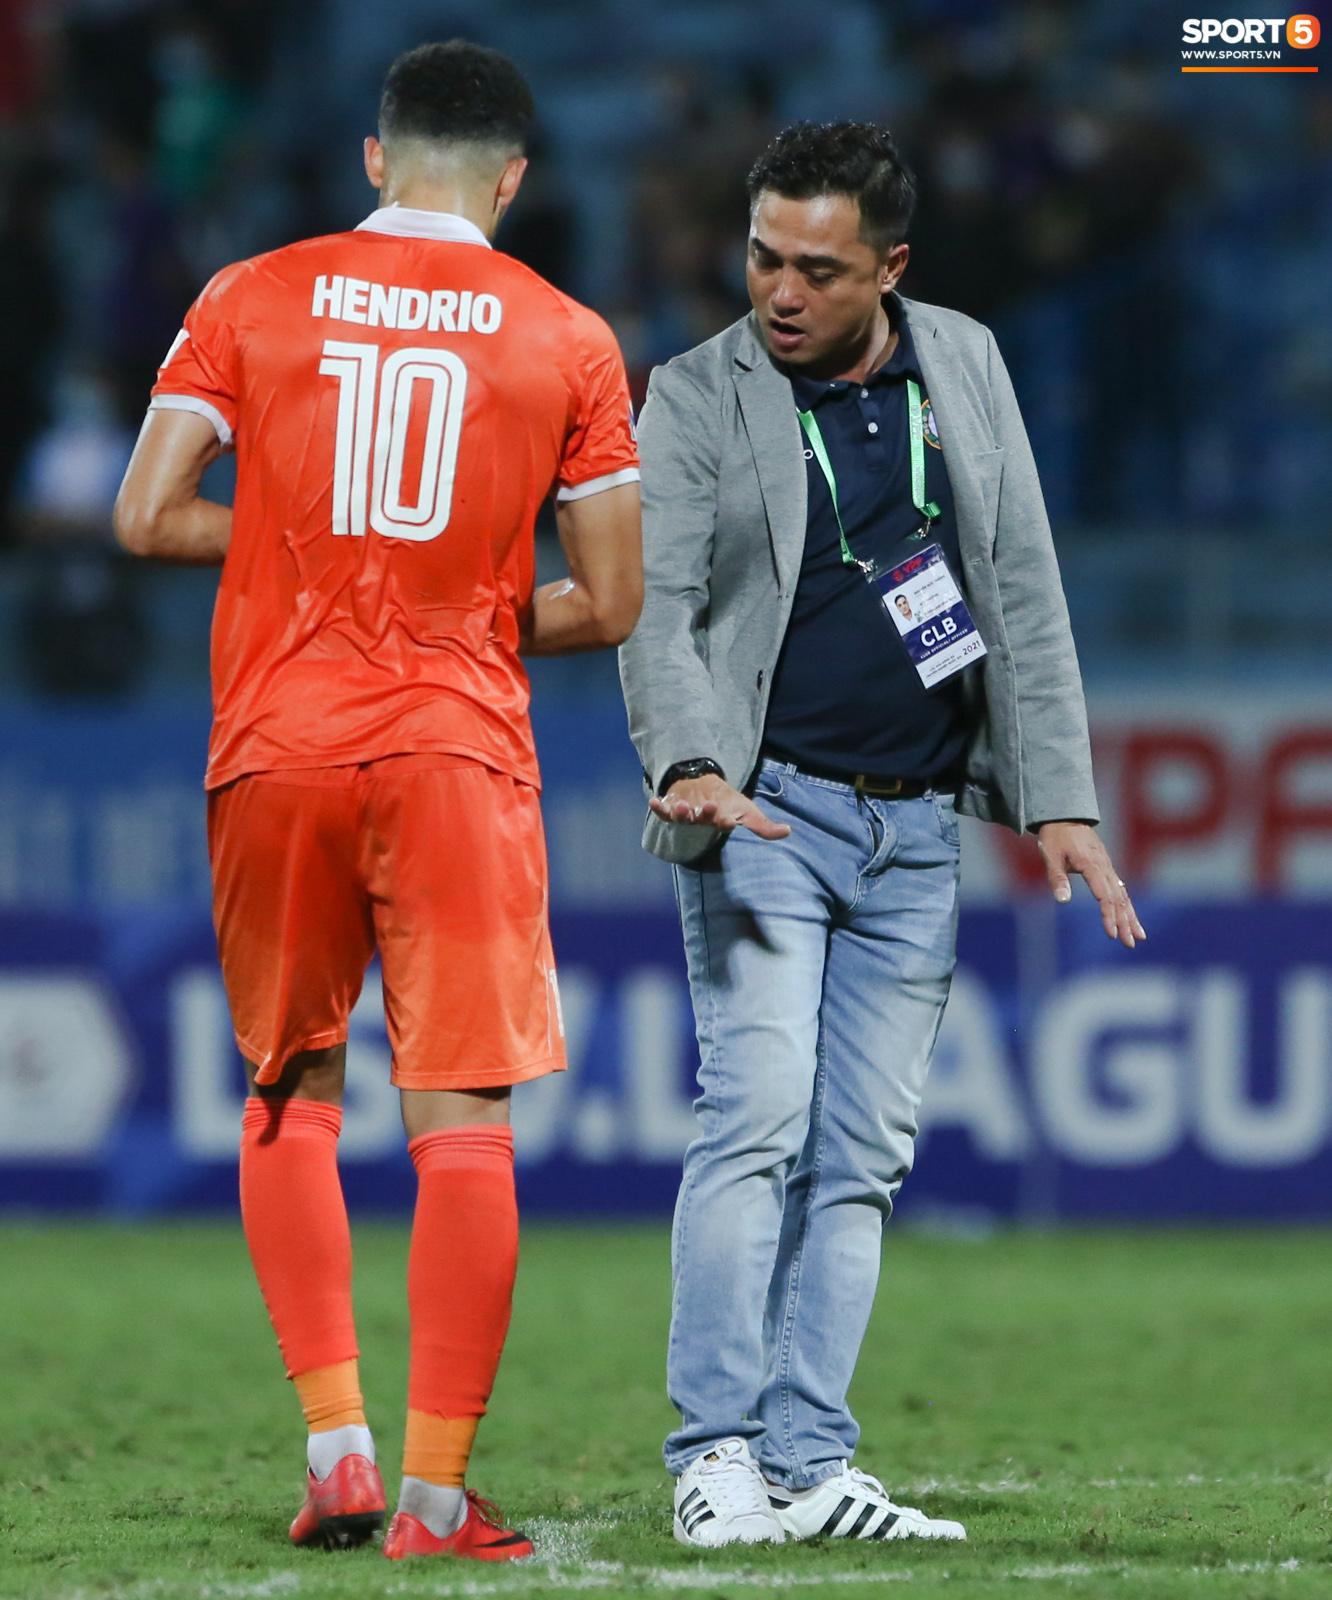 Cựu cầu thủ U16 Barca nằm sân câu giờ, bị HLV Bình Định mắng không hiểu gì về bóng đá Việt Nam - ảnh 7